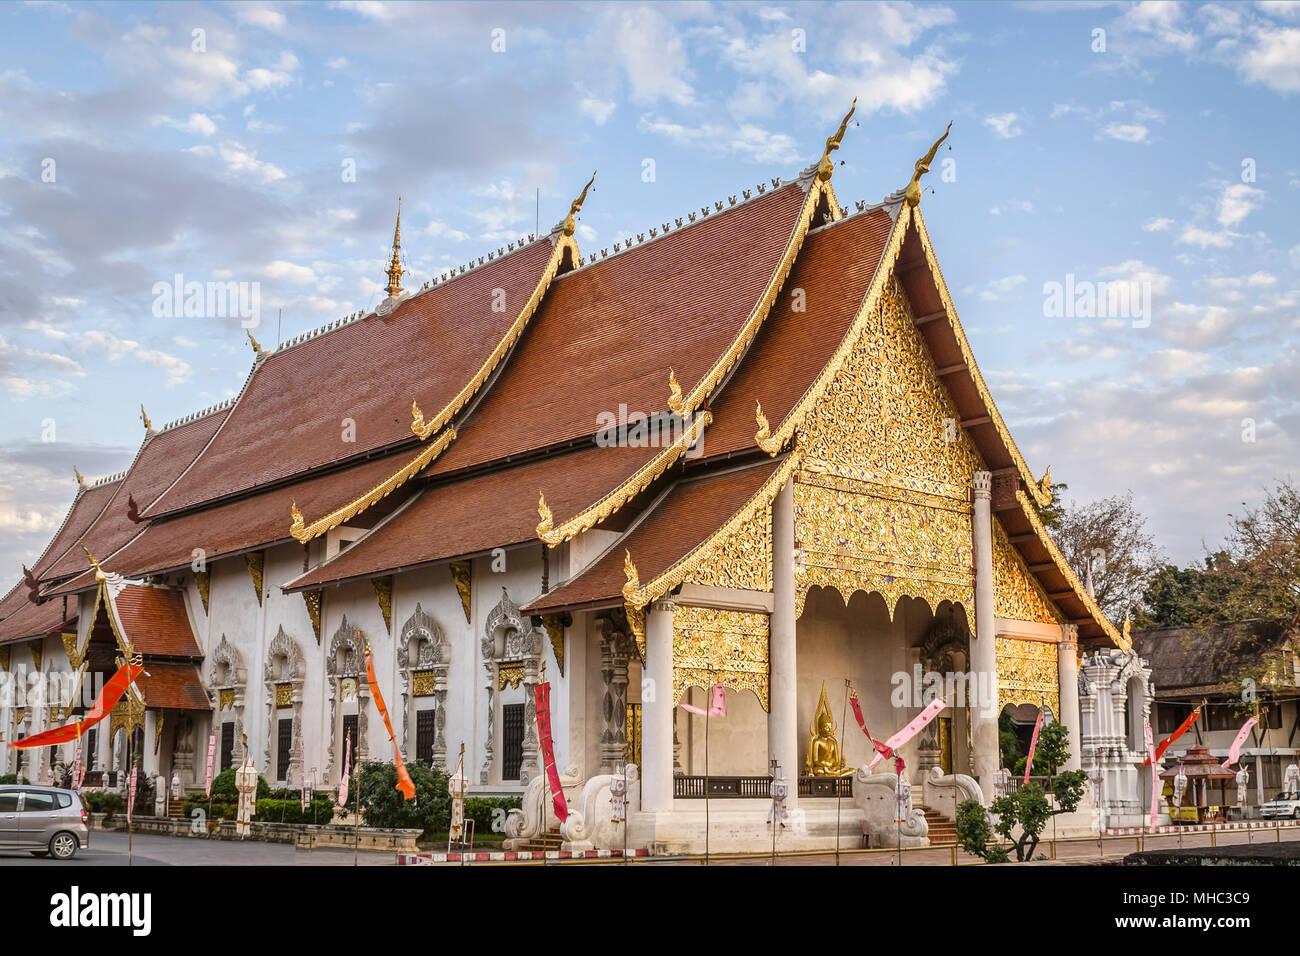 Wat Chedi Luang, Chiang Mai, Northern Thailand | Wat Chedi Luang, Chiang  Mai, Nordtailand - Stock Image